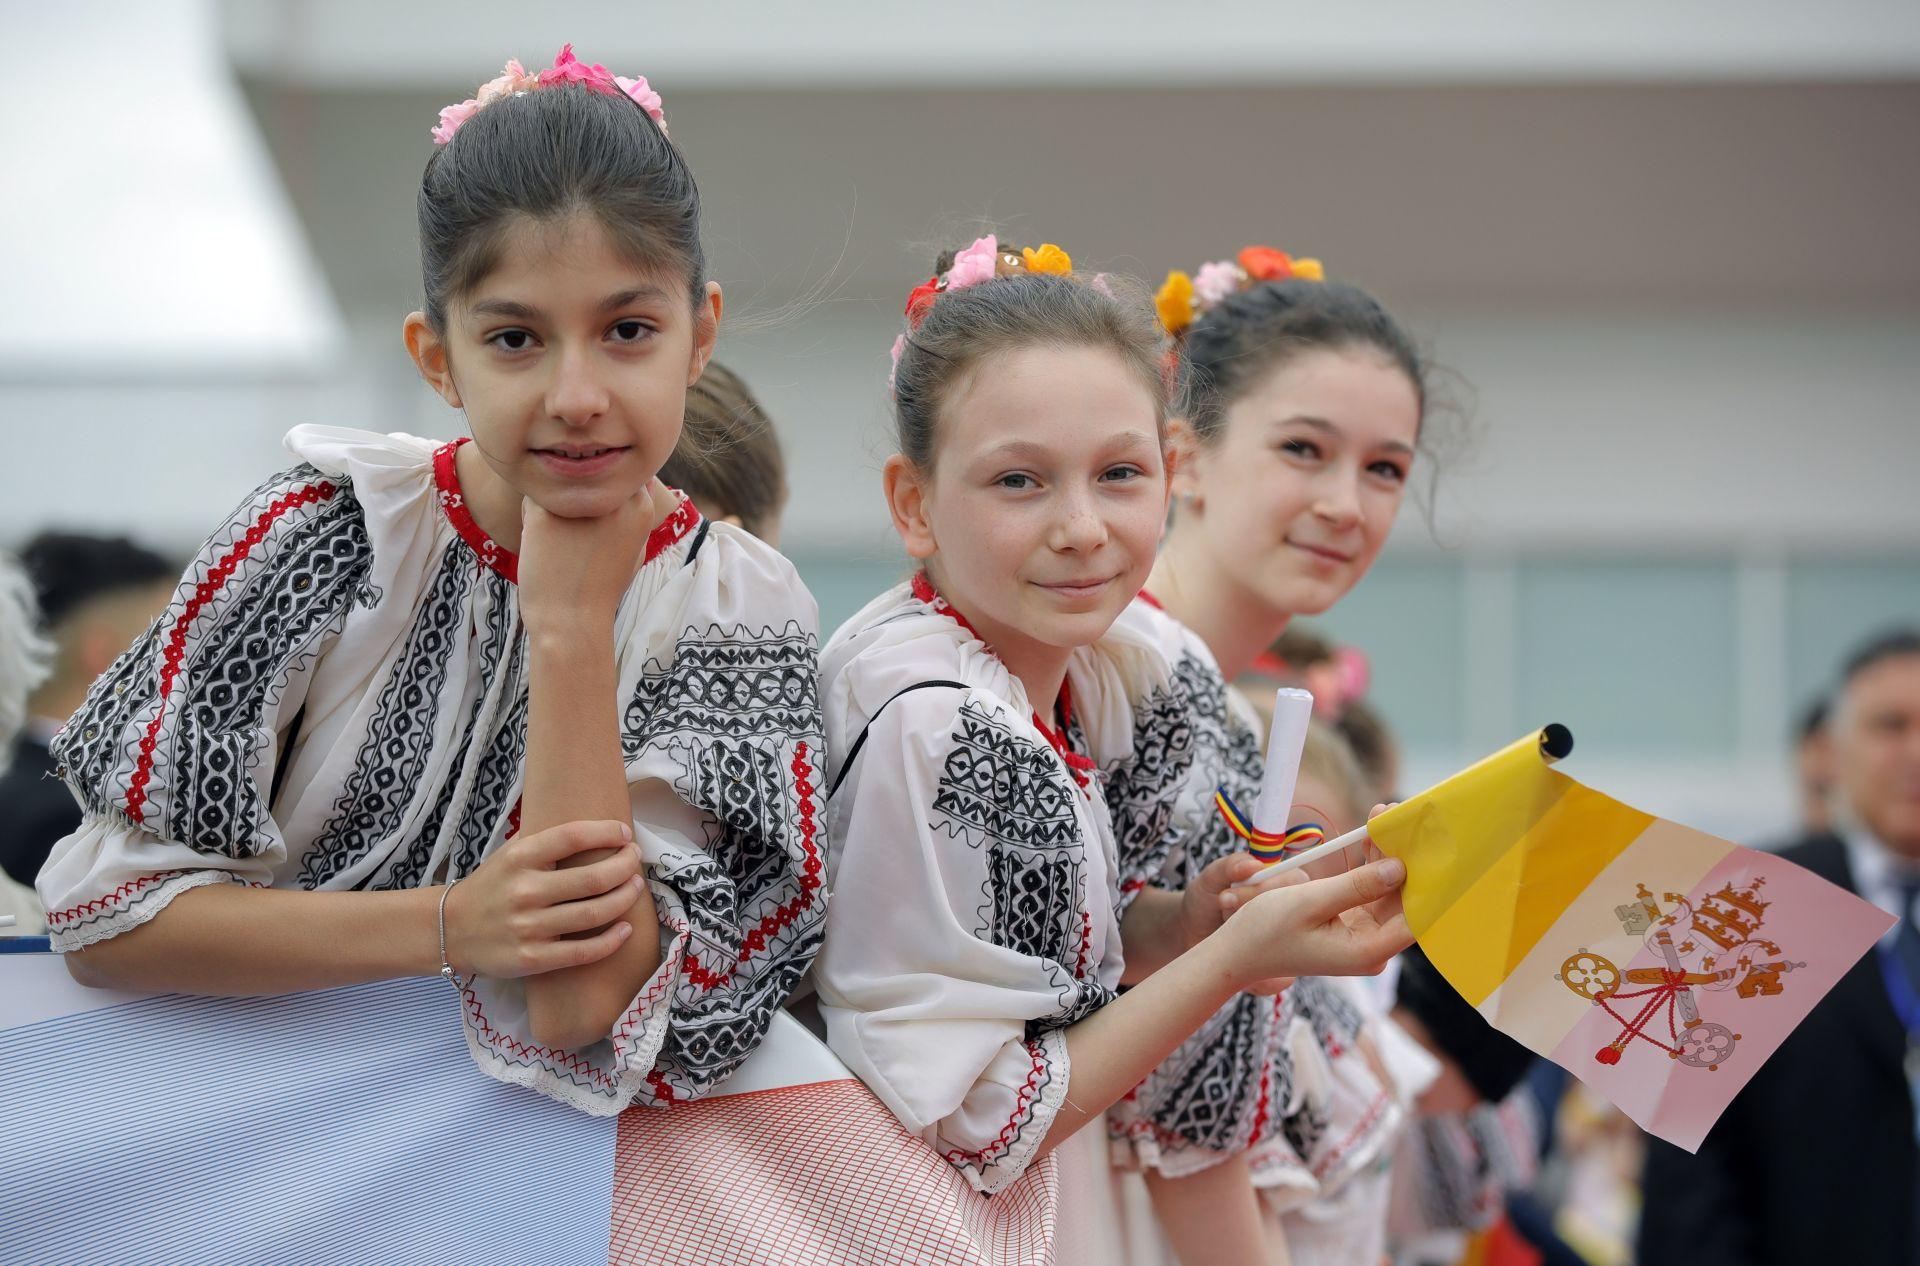 Млади момичета, облечени в румънски народни носии посрещат папата на летището